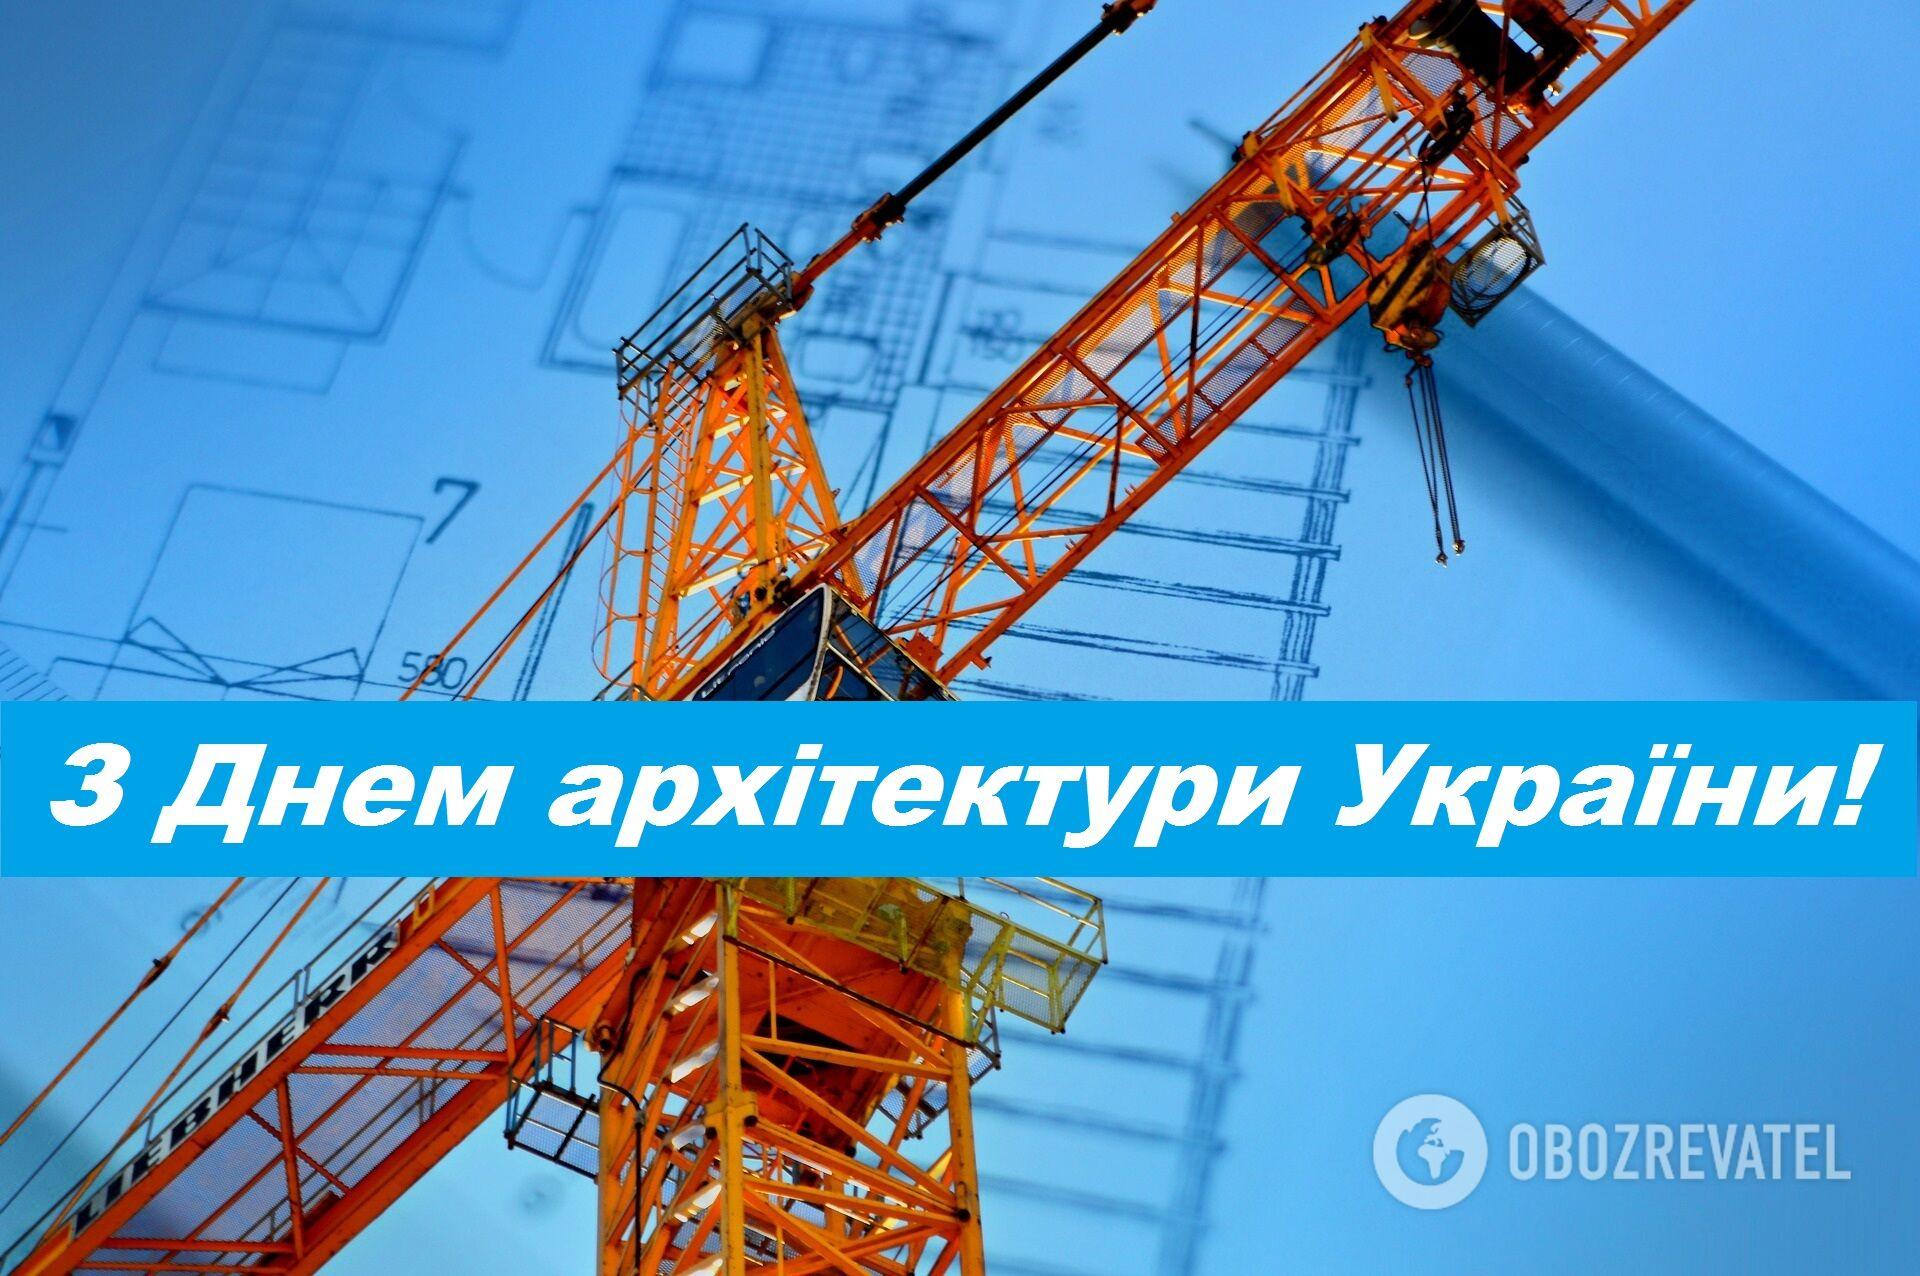 День архітектури України був заснований в 1995 році